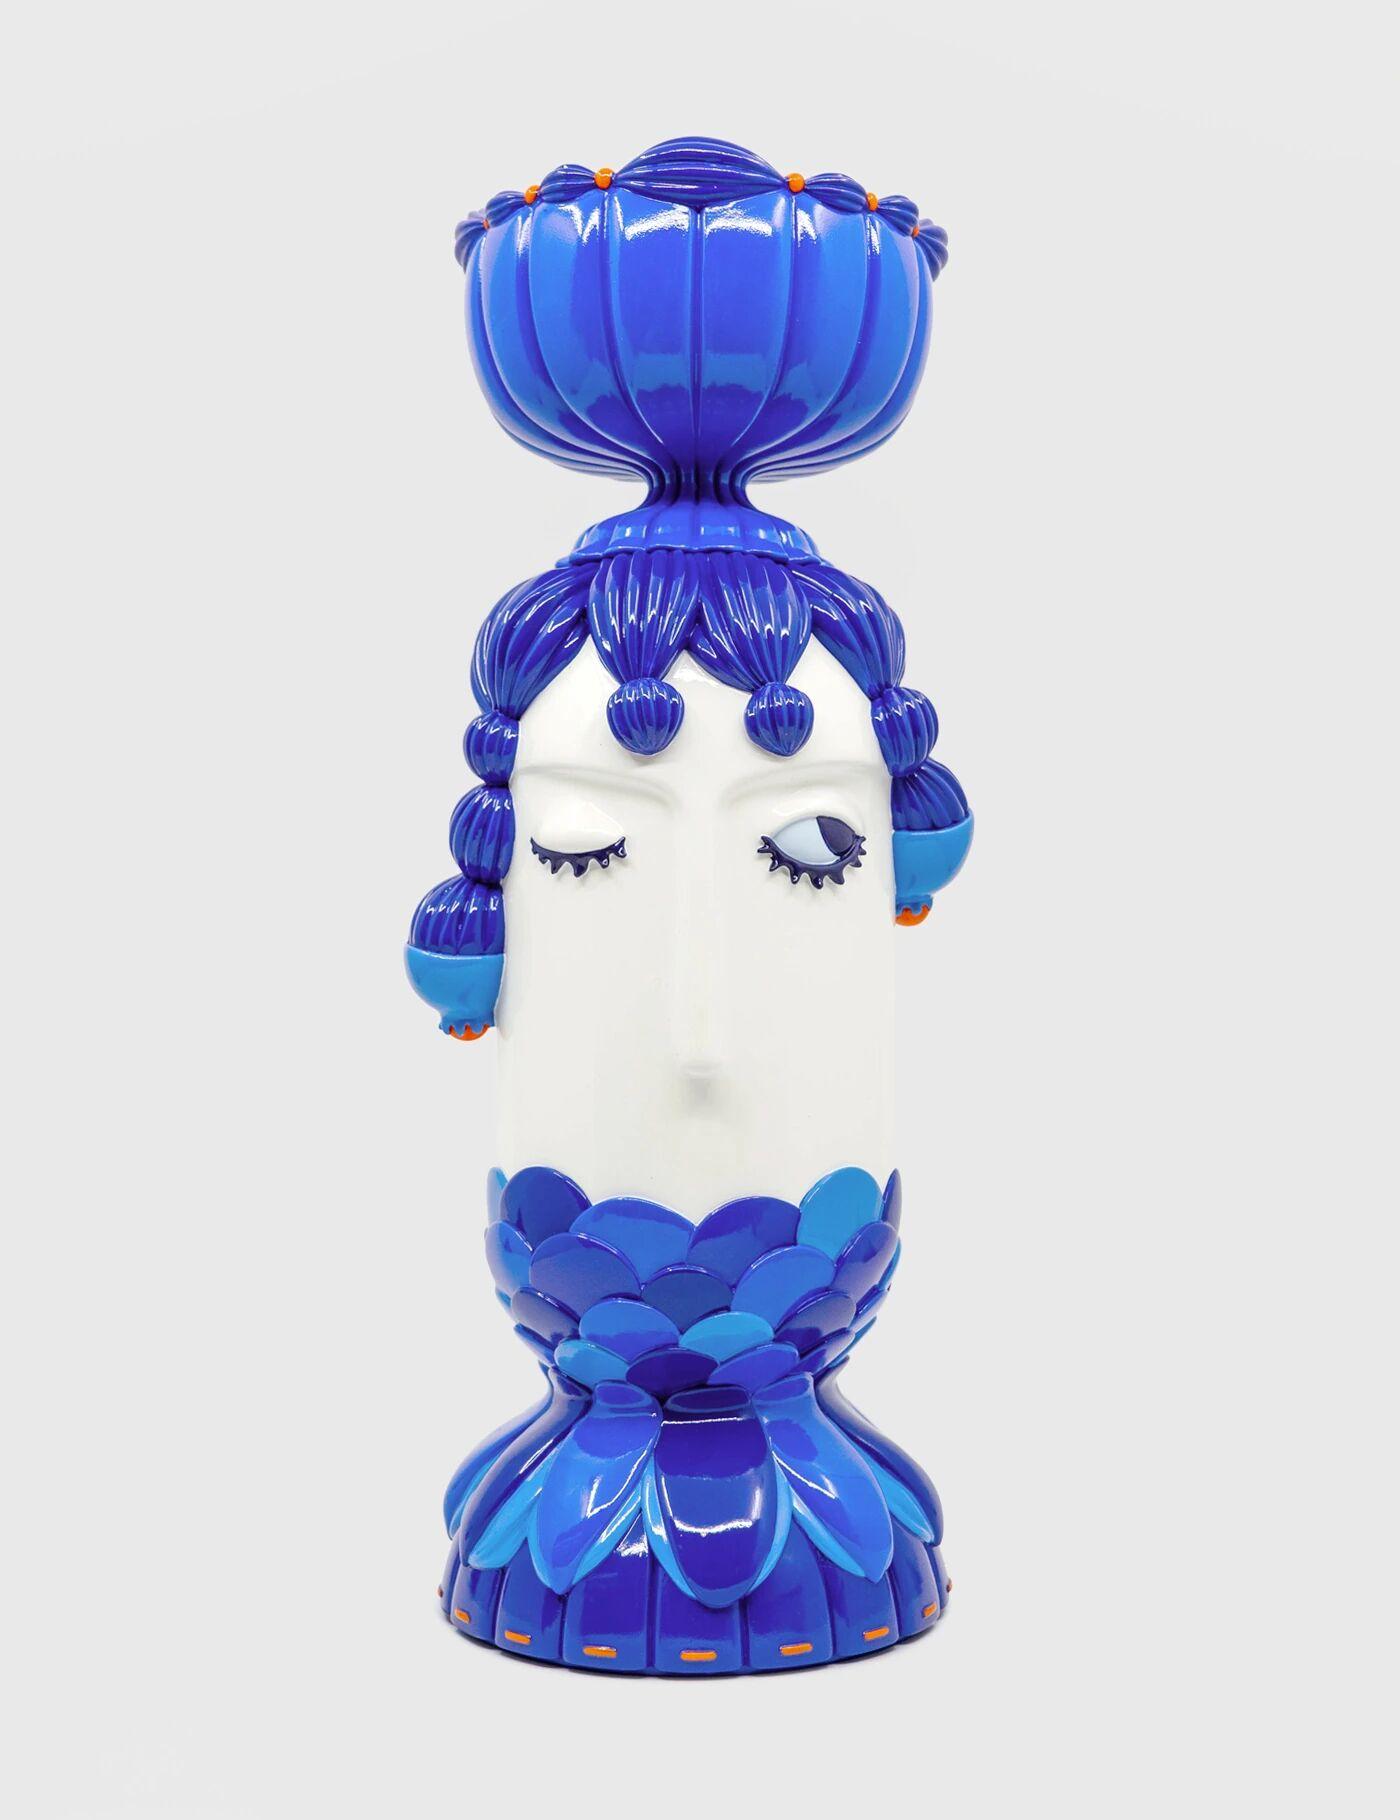 Soap Studio Kebeyo Chen x Soap Studio Illusion  - Blue